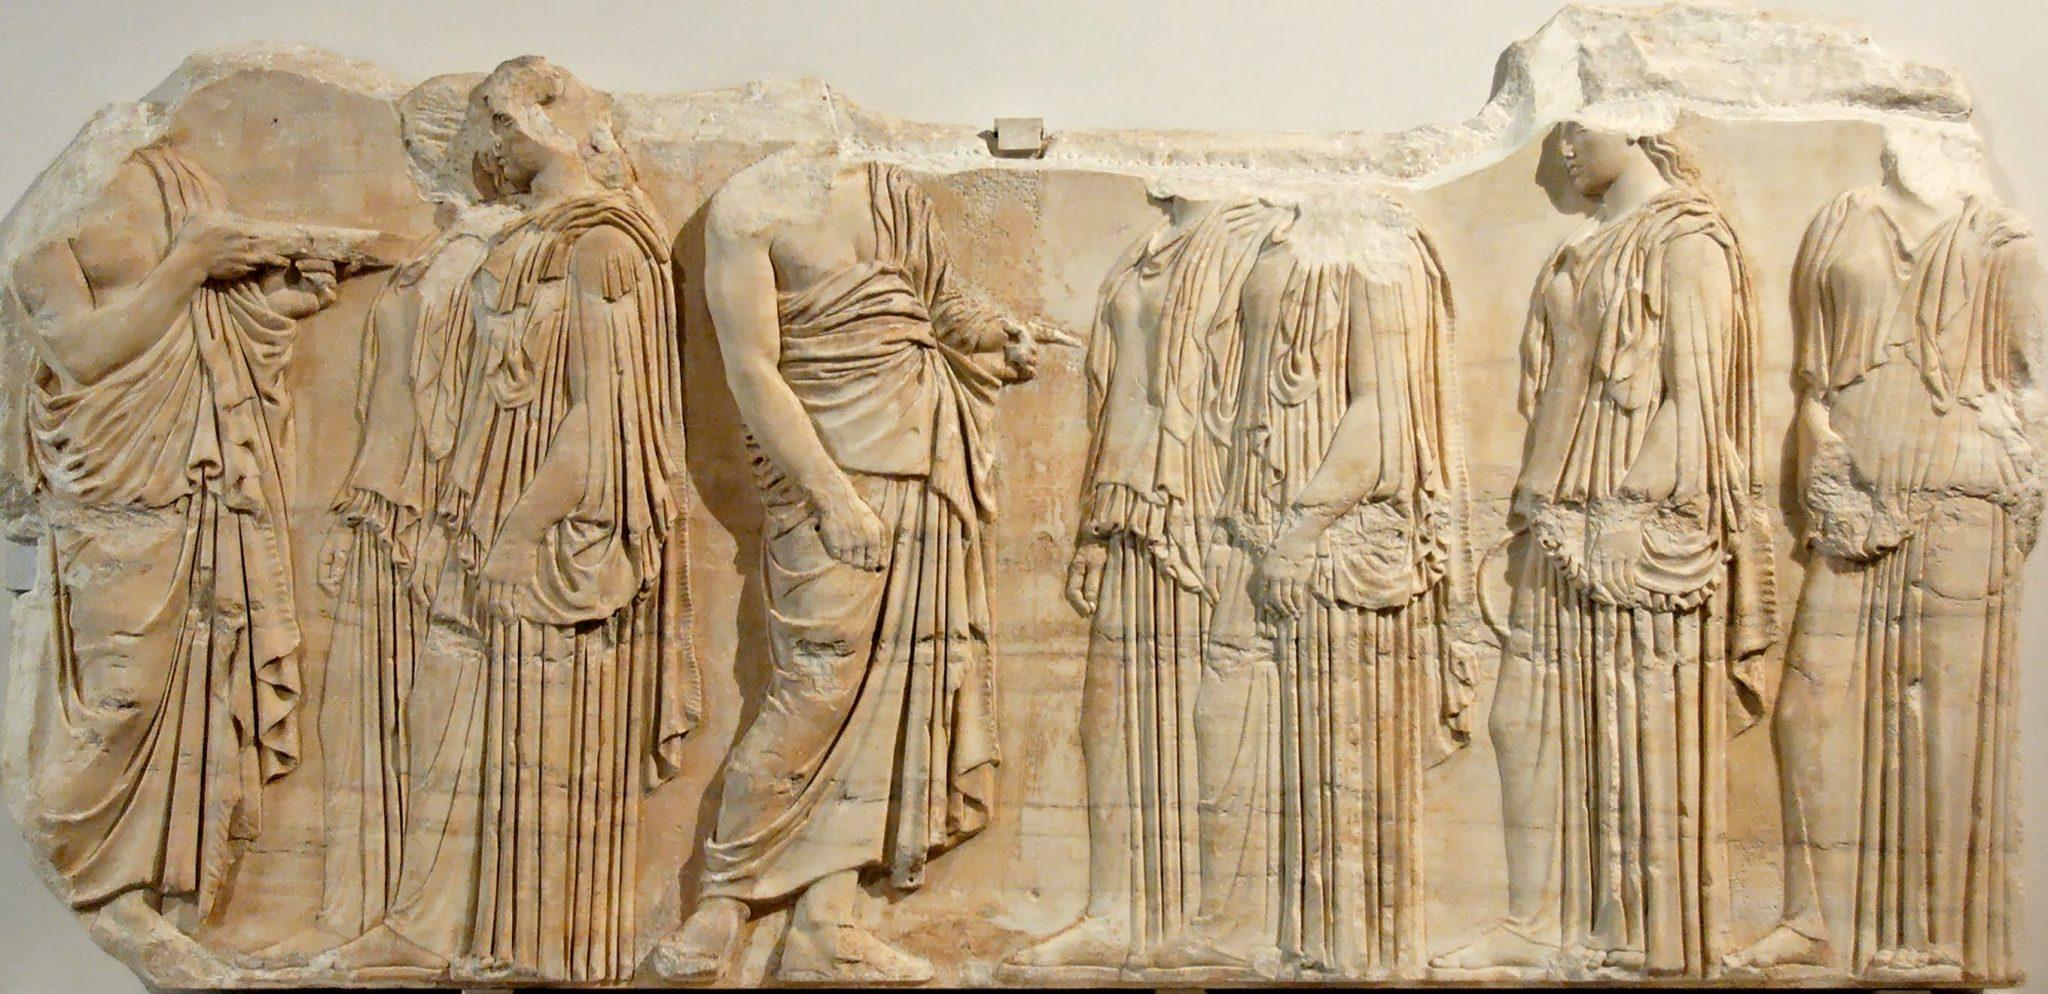 Il fregio in marmo che sarà prestato dal Louvre